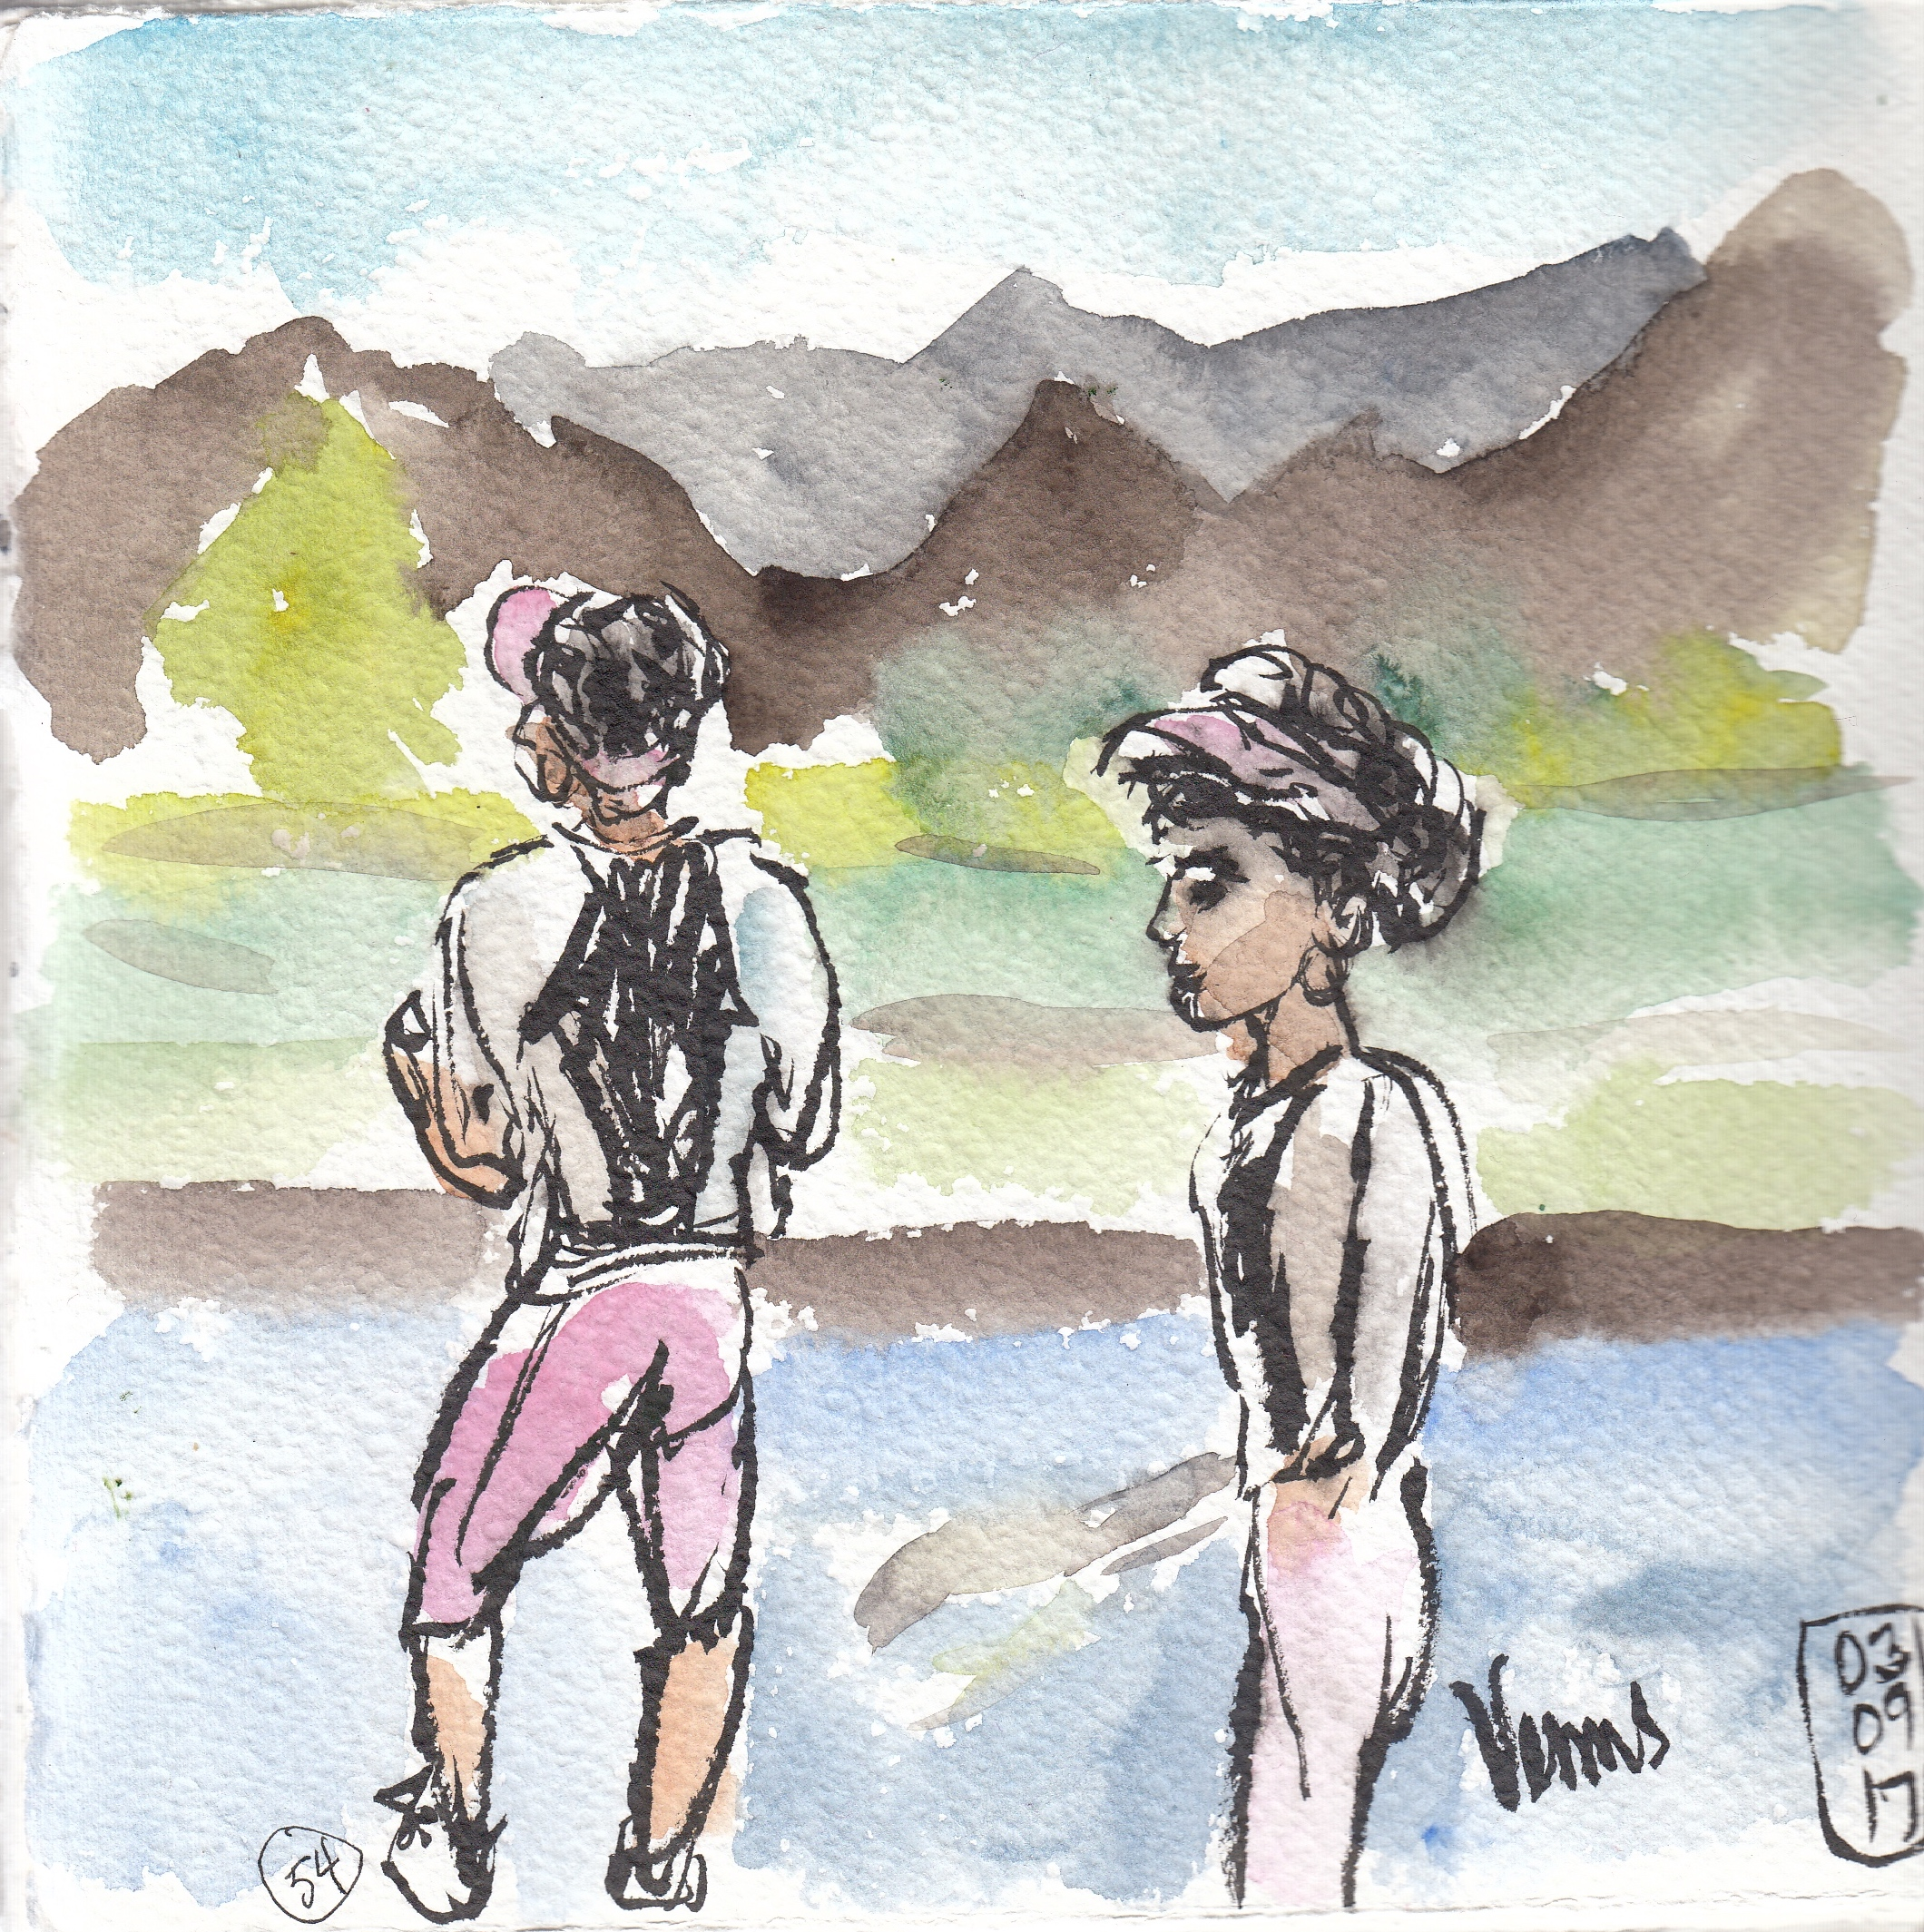 No. 54 - Venus Williams practicing